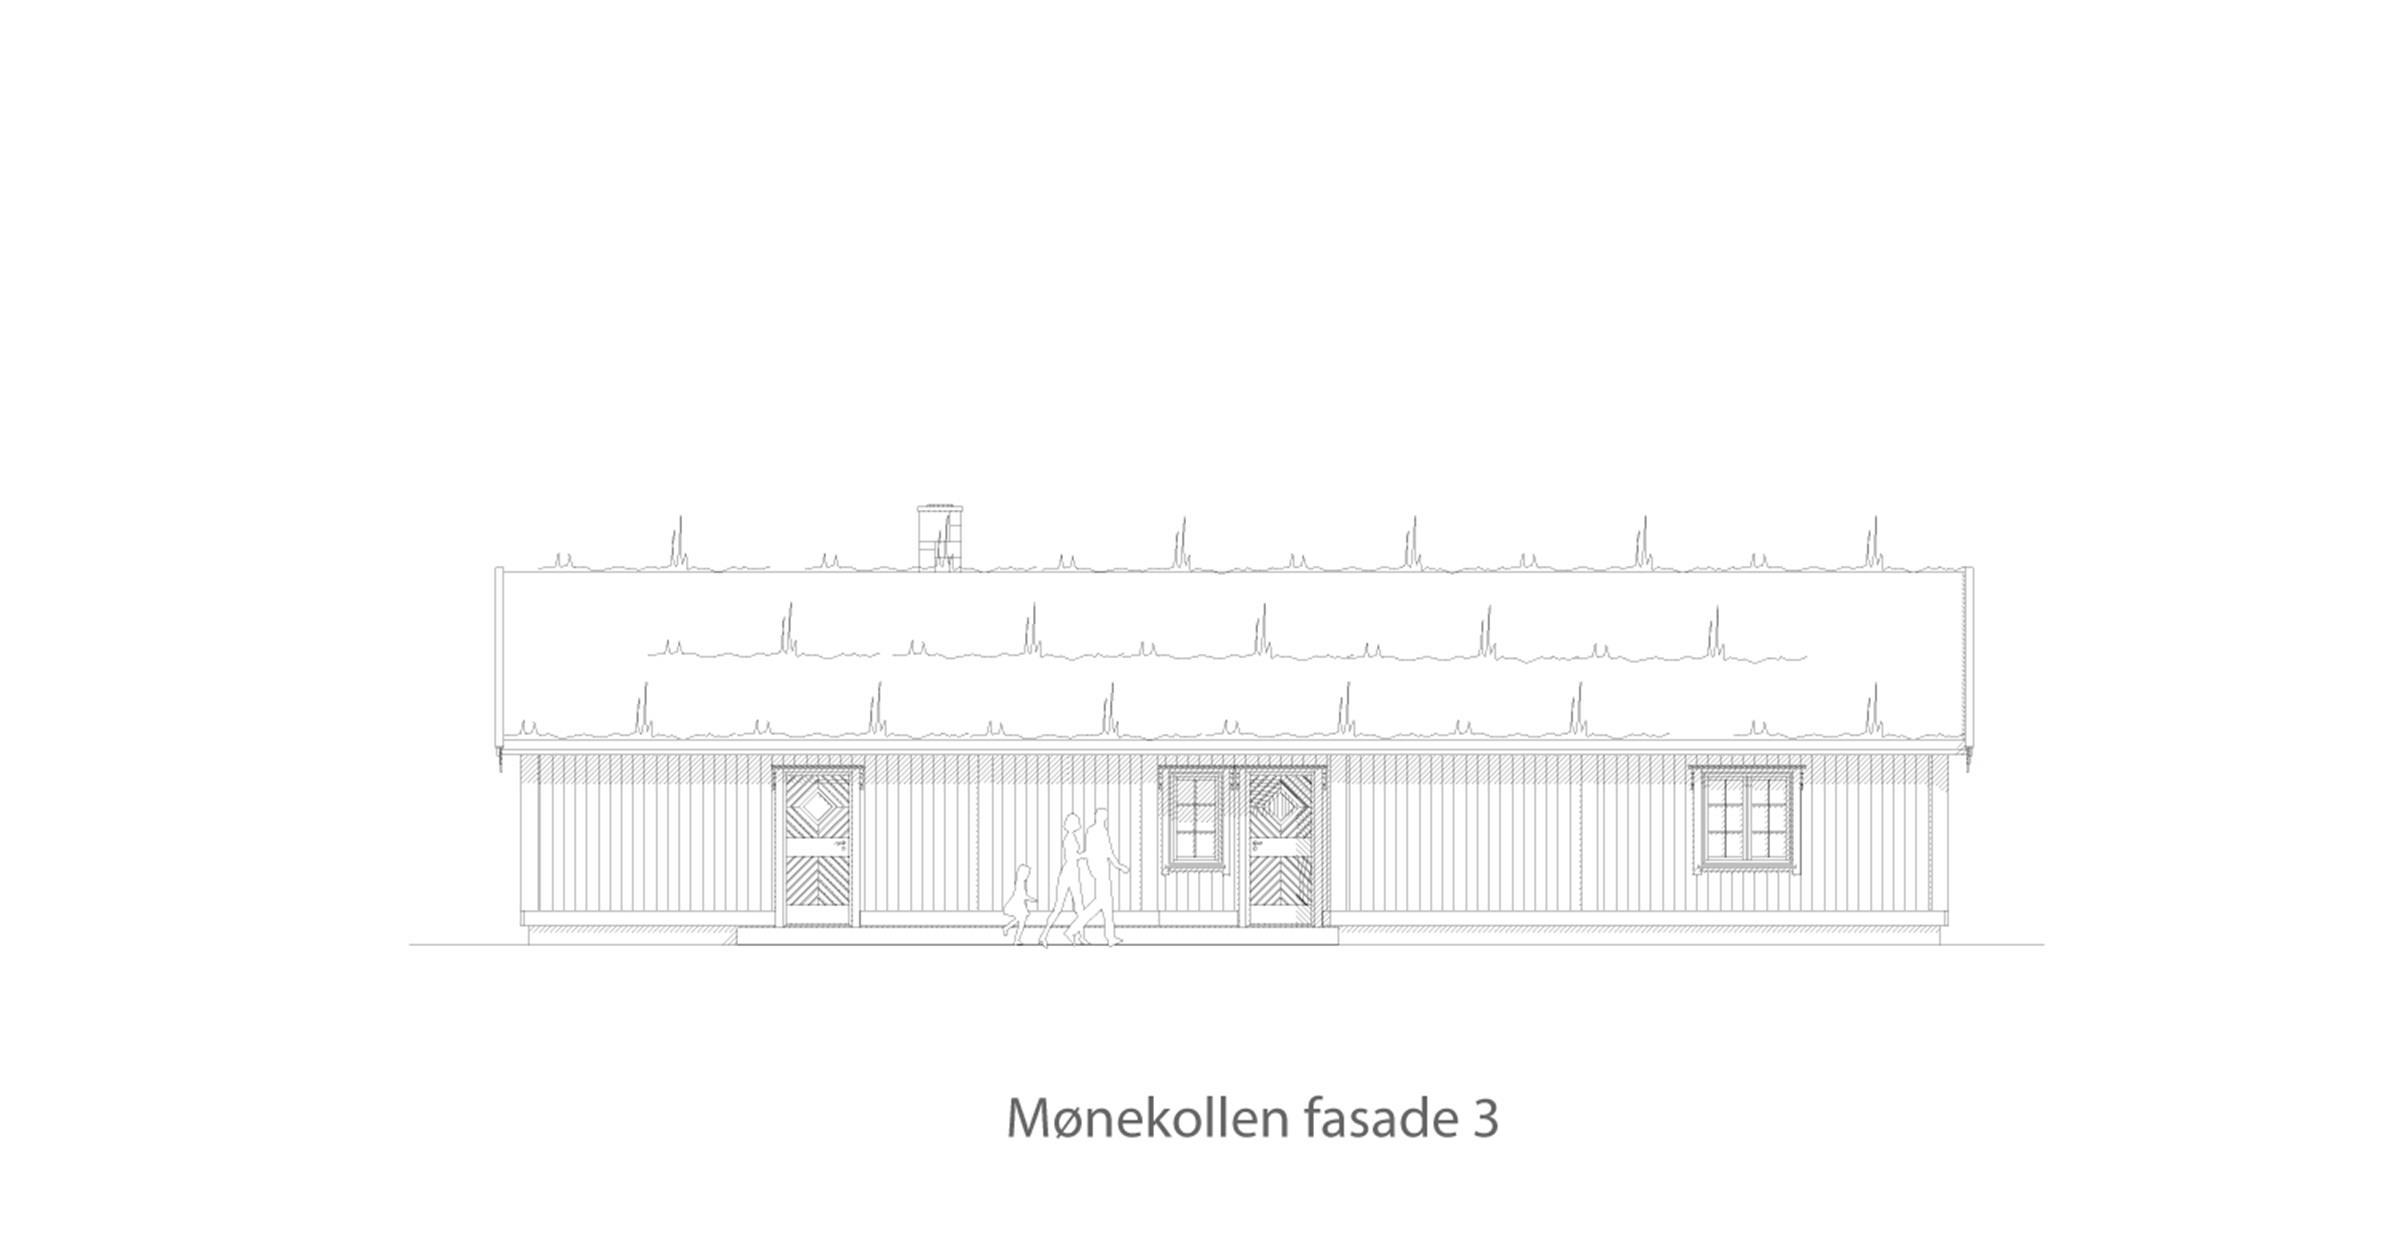 Mønekollen fasade 3